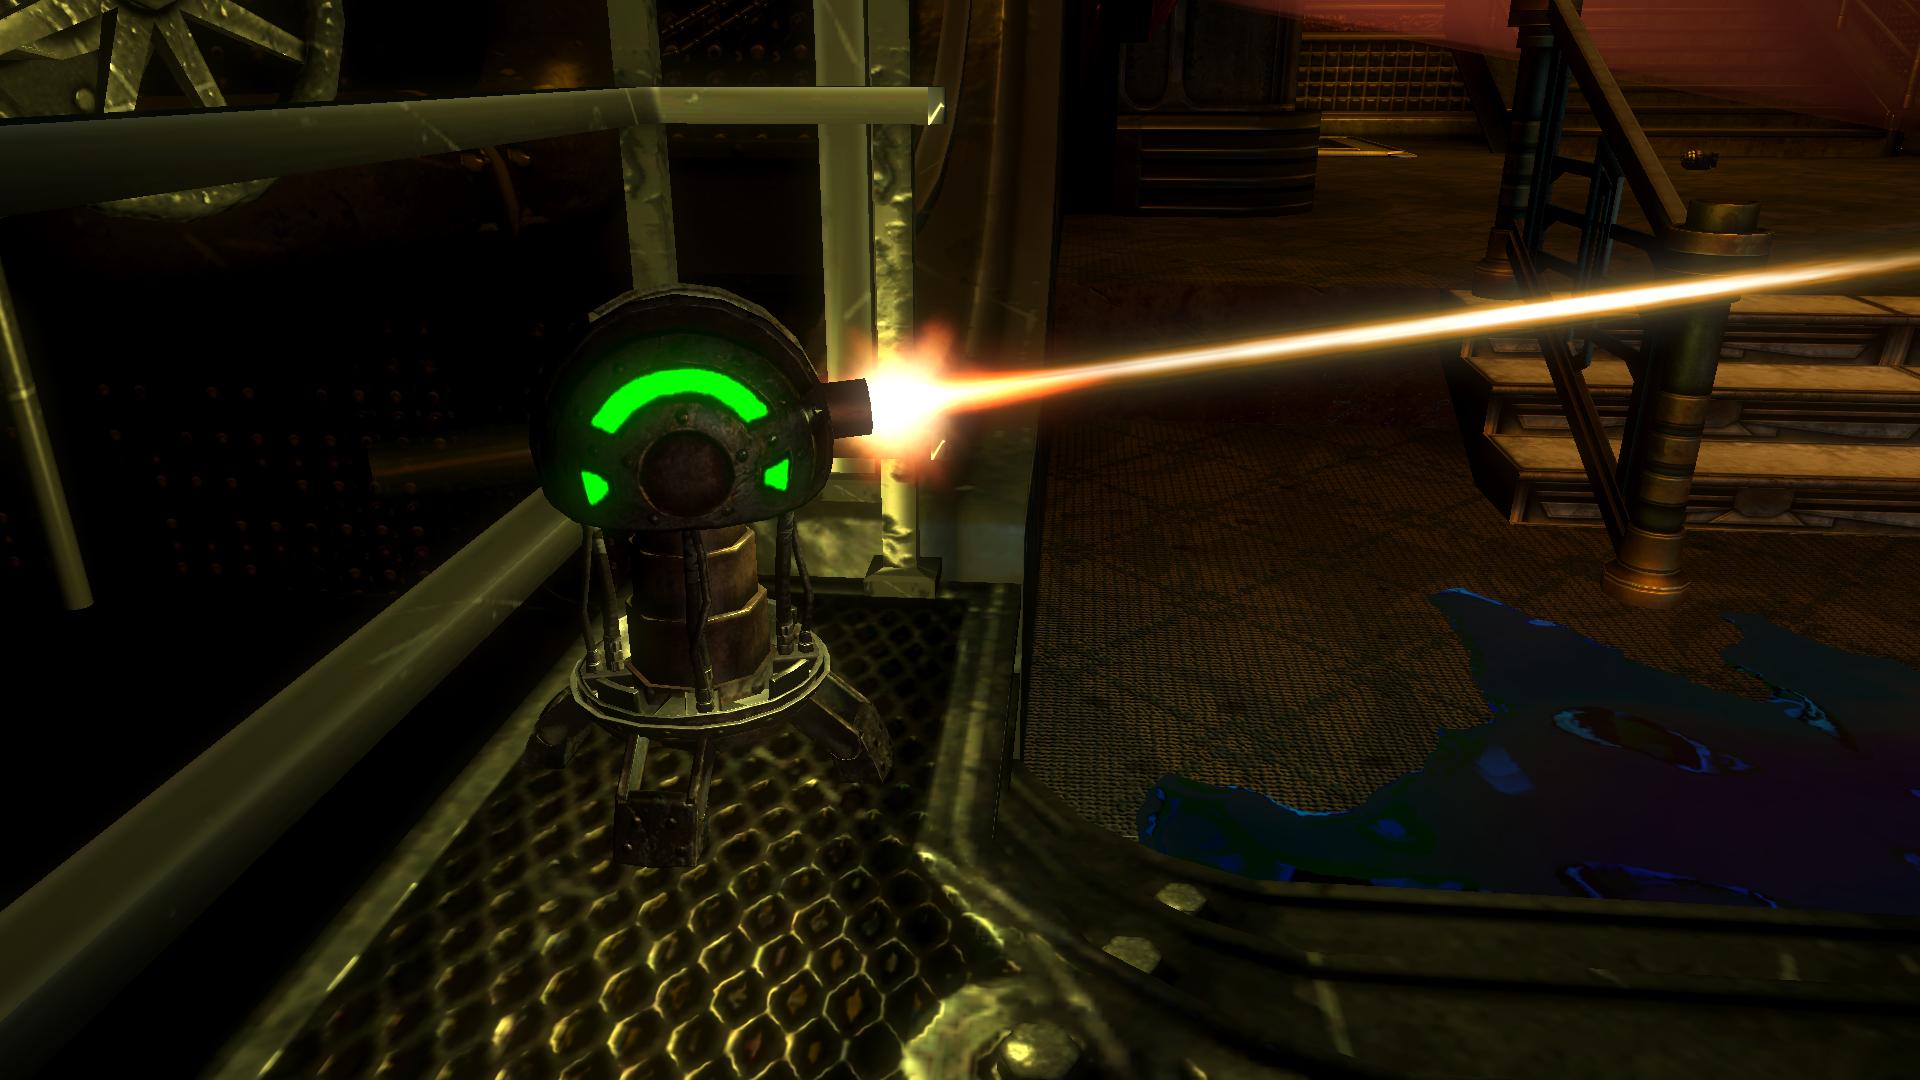 Bioshock 2 ammunition bioshock wiki fandom powered by - Bioshock wikia ...